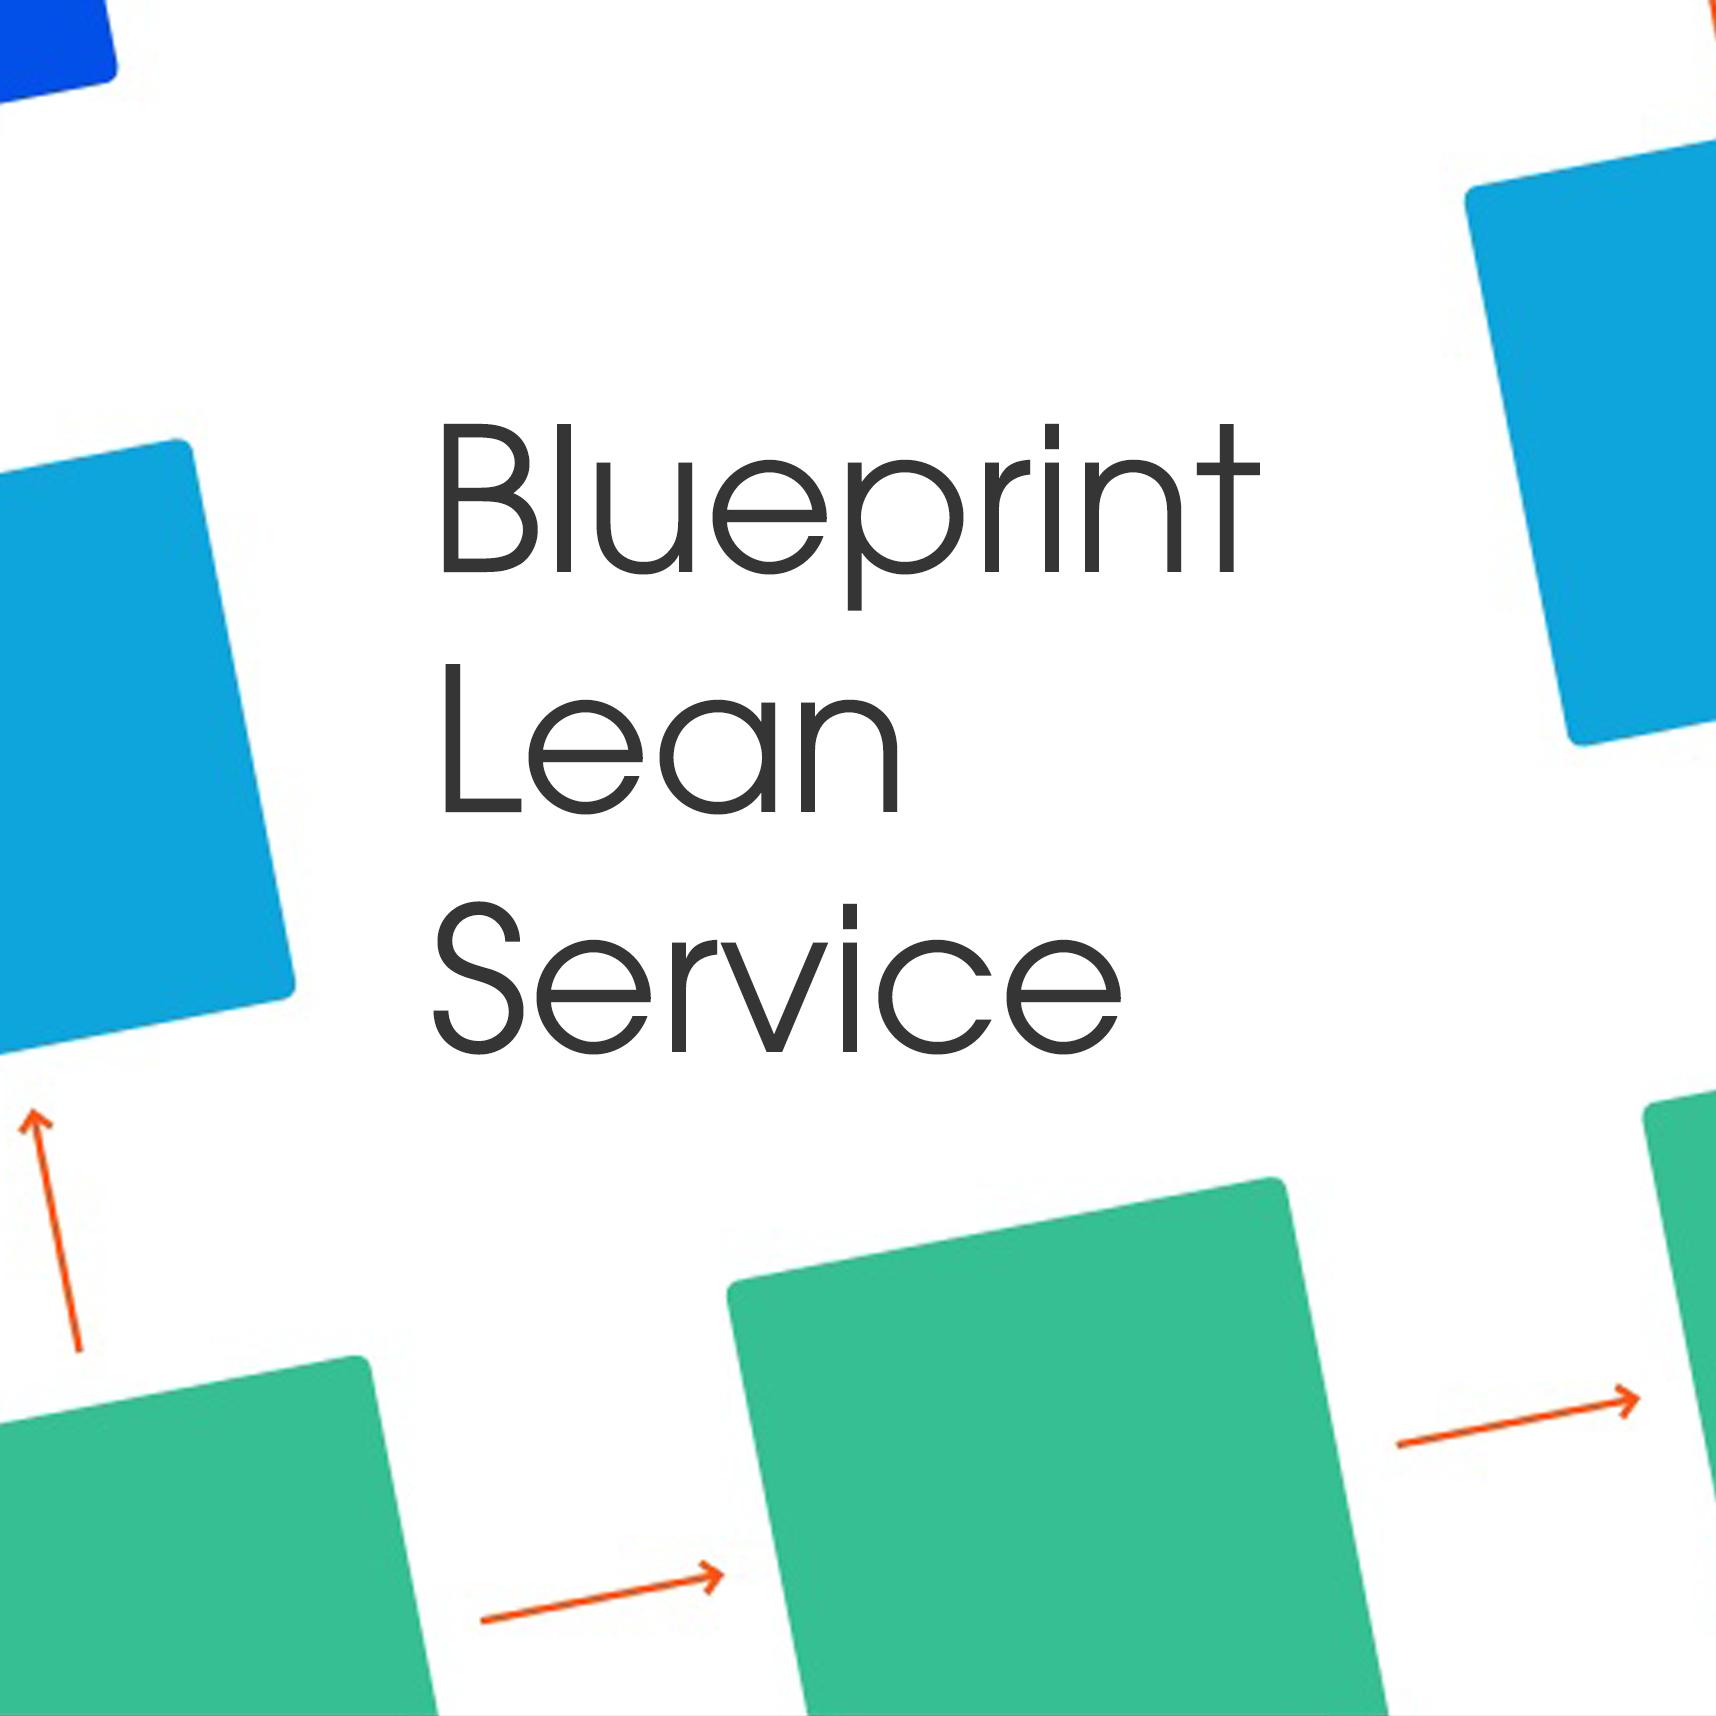 ¿Cómo optimizar el Service Blueprint?